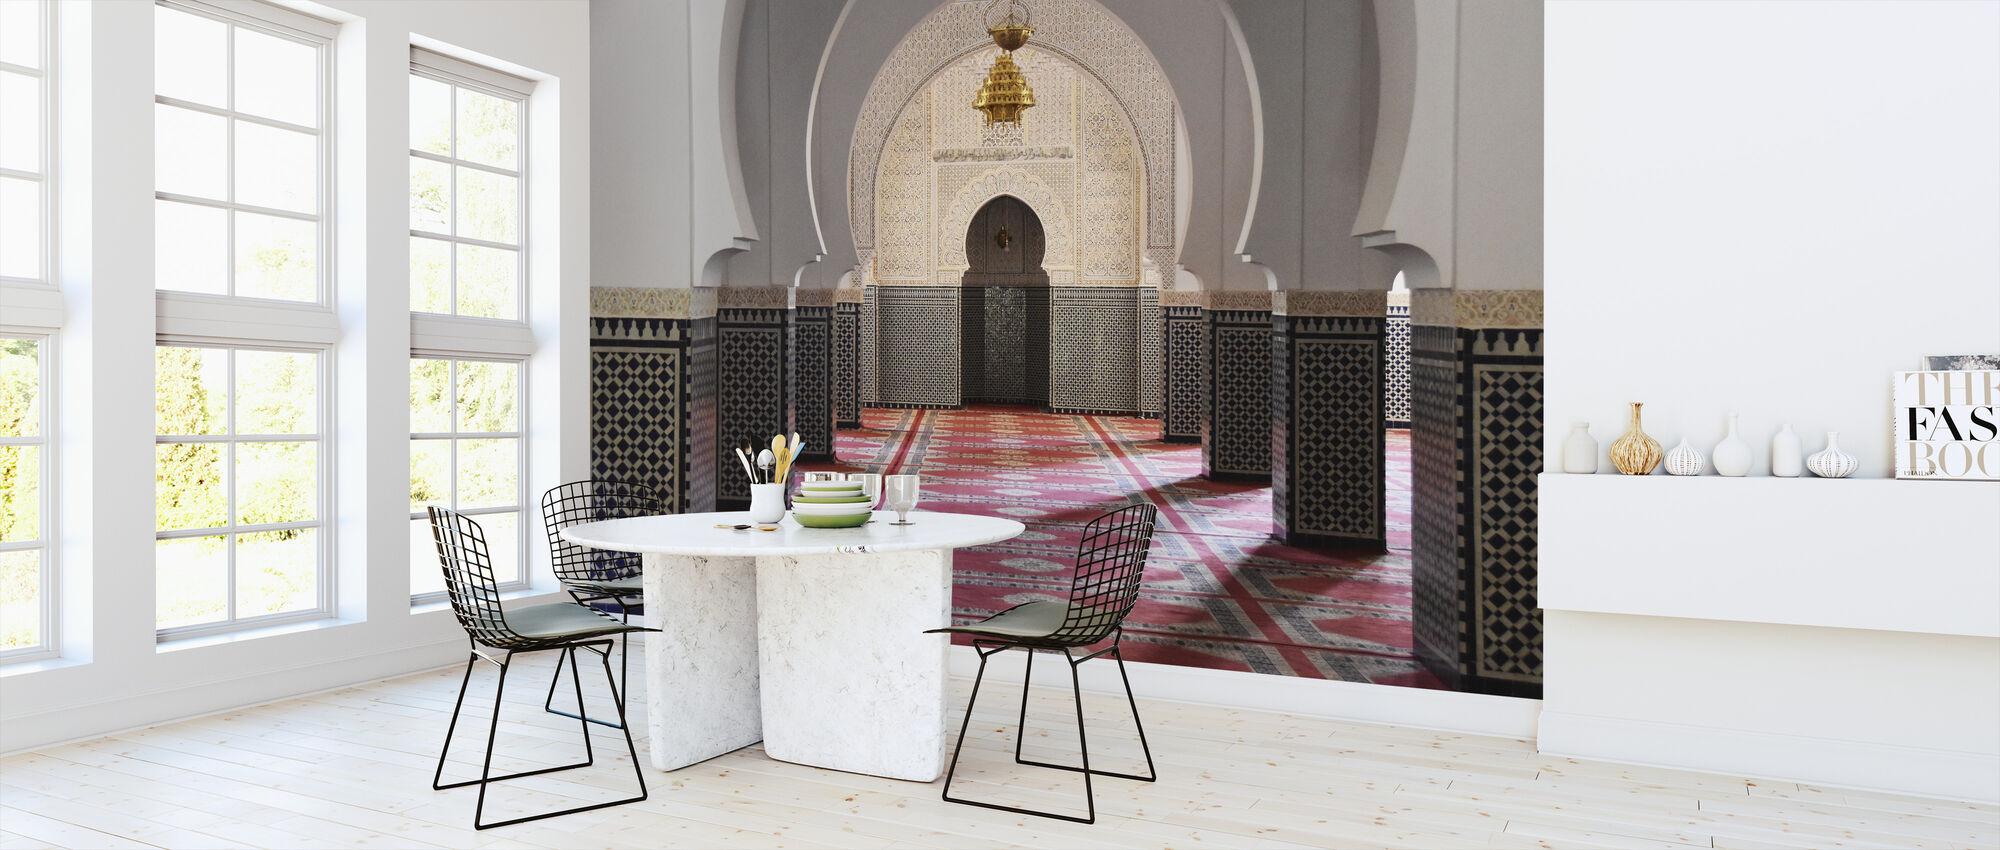 Berber Mosaic Mosque - Wallpaper - Kitchen